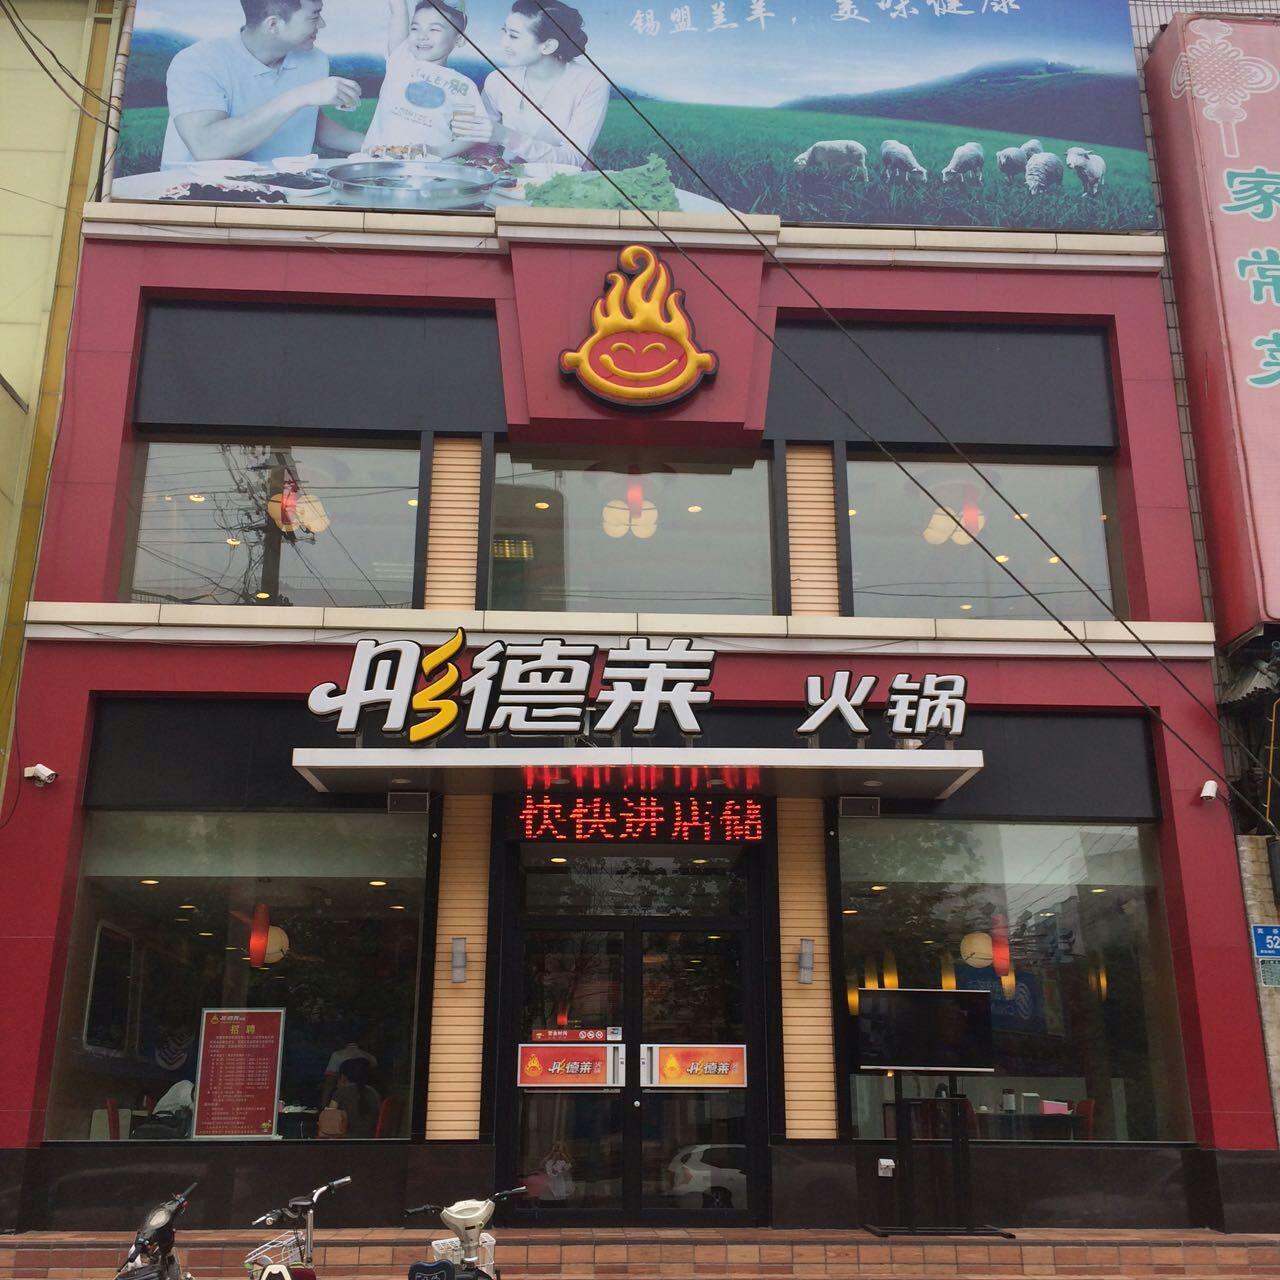 山东省济南市彤德莱连锁店面